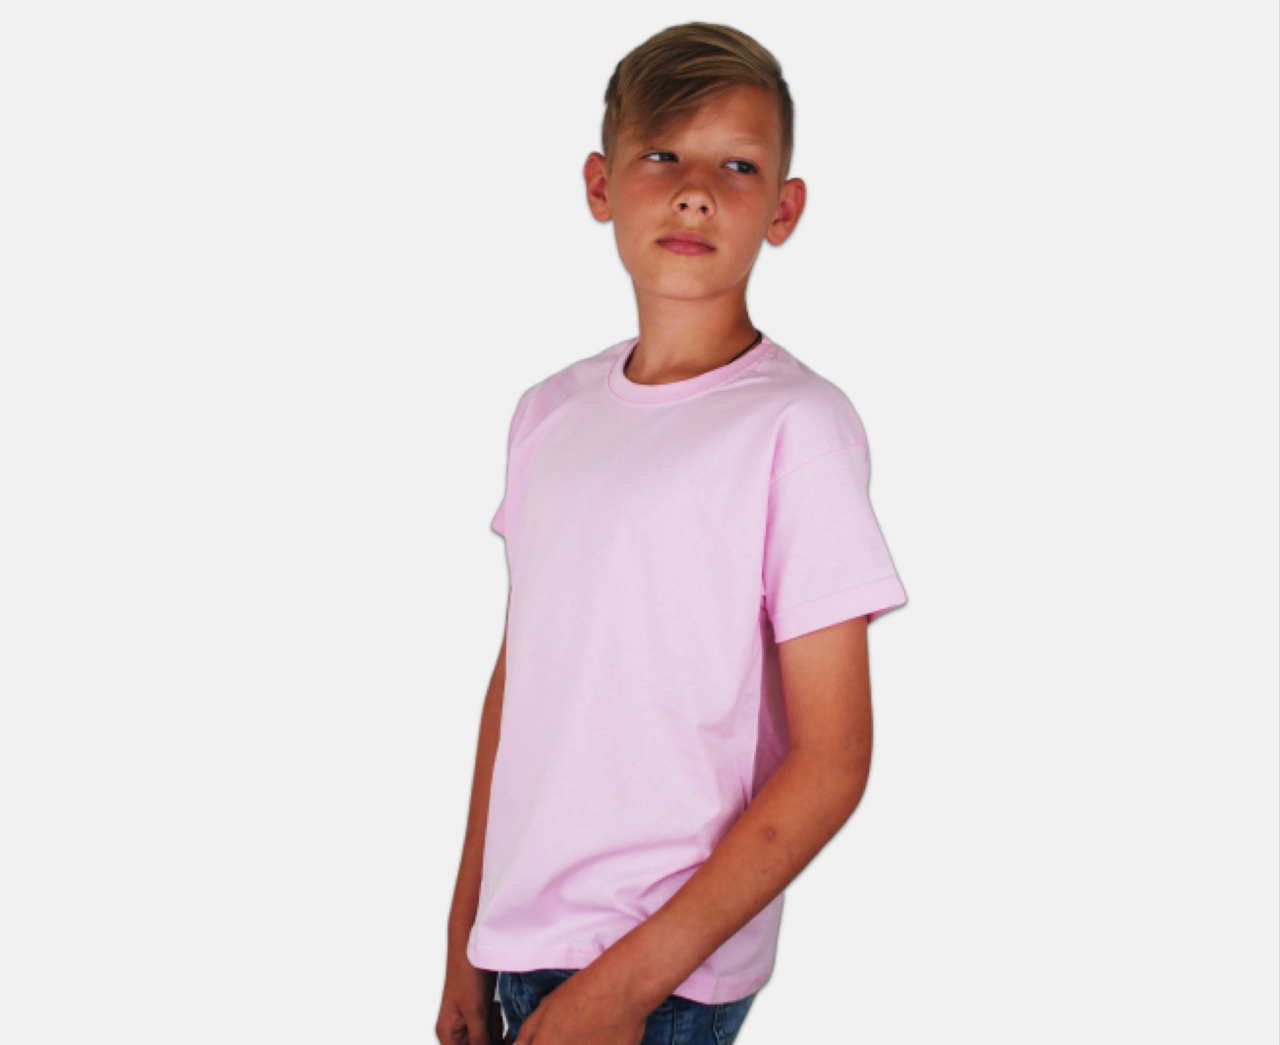 Детская Классическая Футболка для Мальчиков Светло-розовый Fruit of the loom 61-033-52 3-4